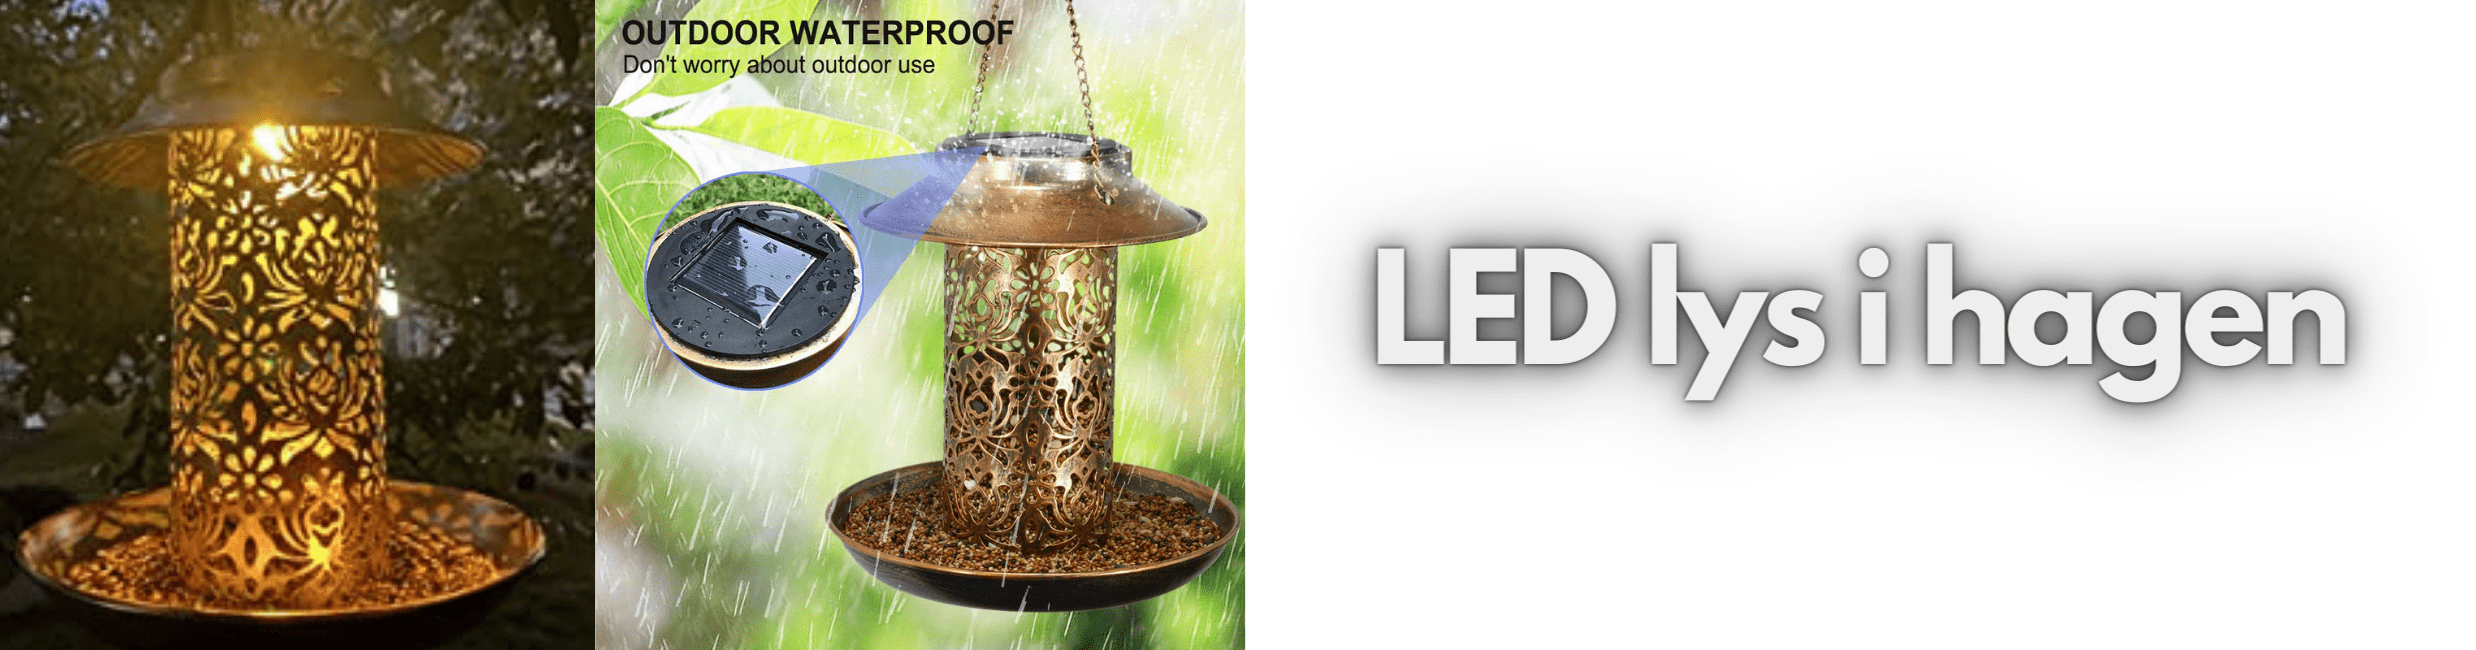 Tropehagen LED utefugllys